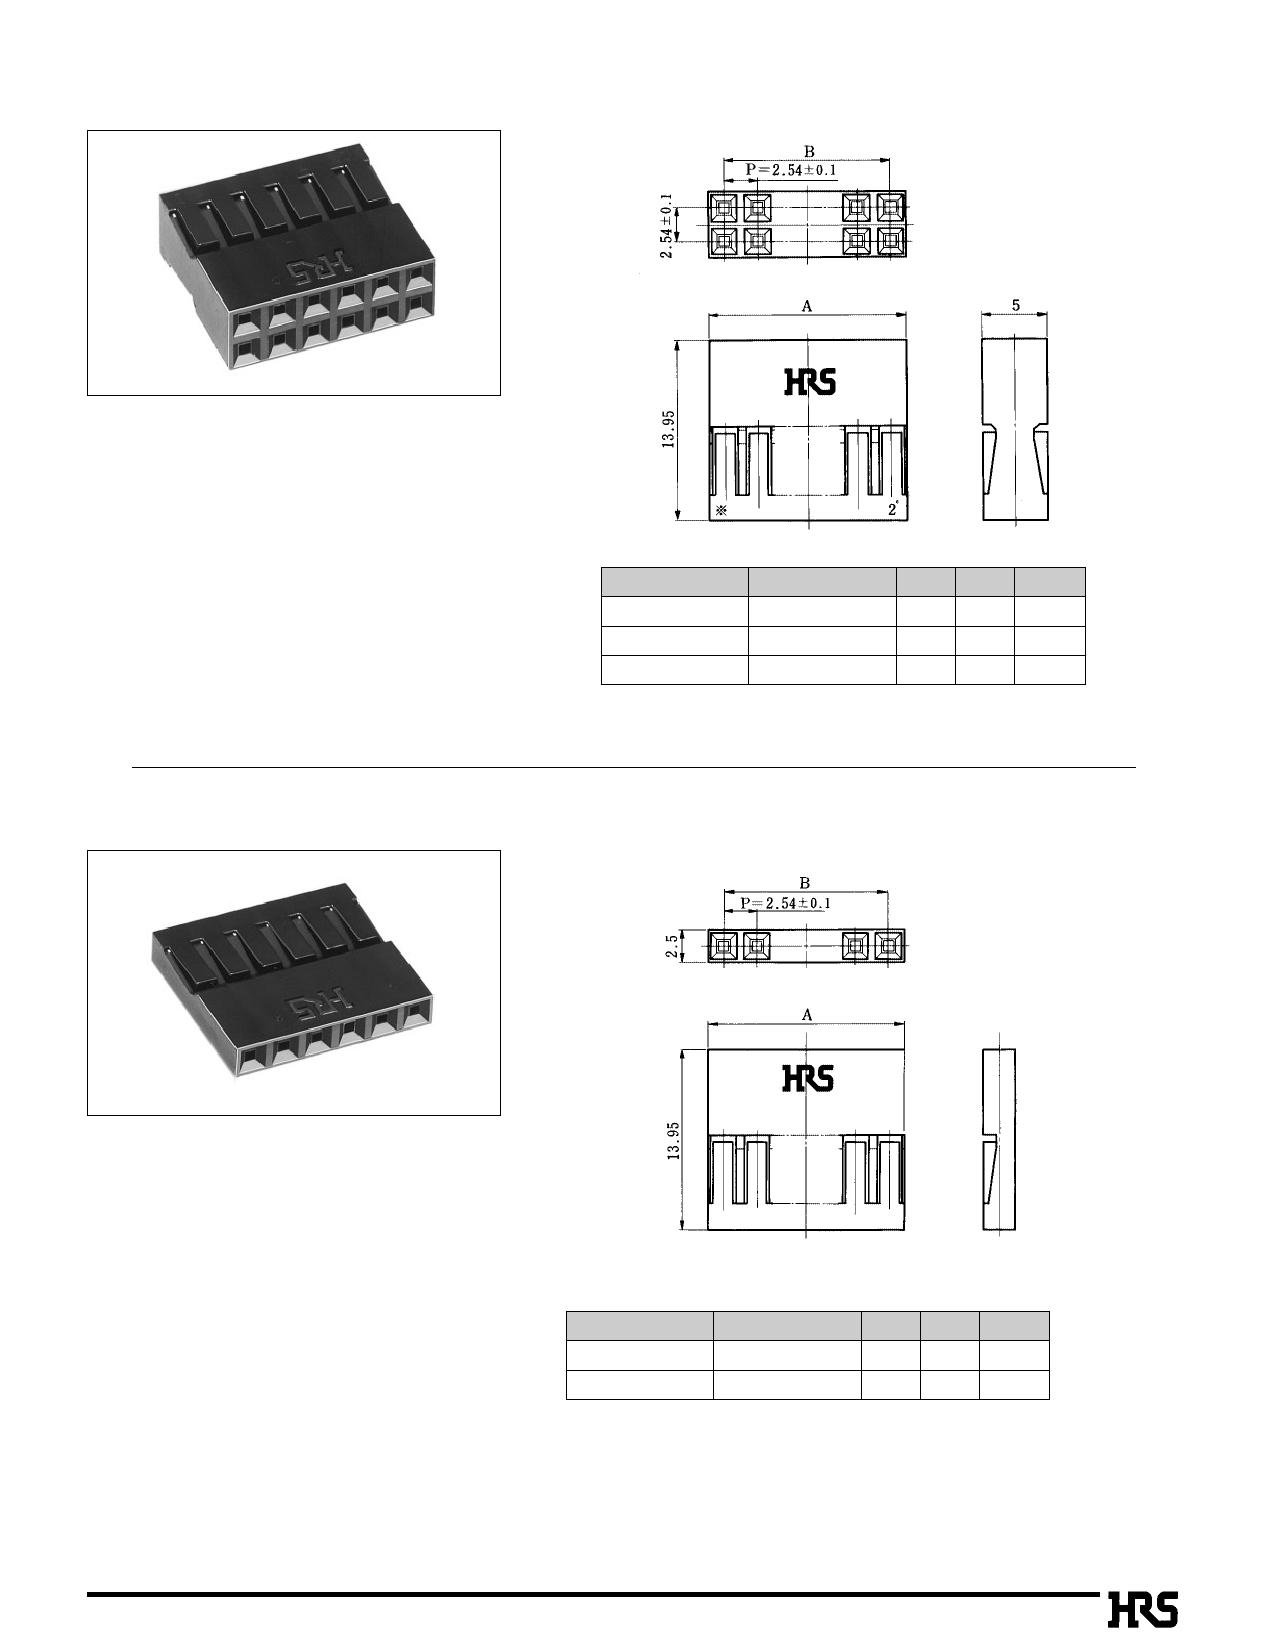 A1-10PA-2.54DSA 電子部品, 半導体